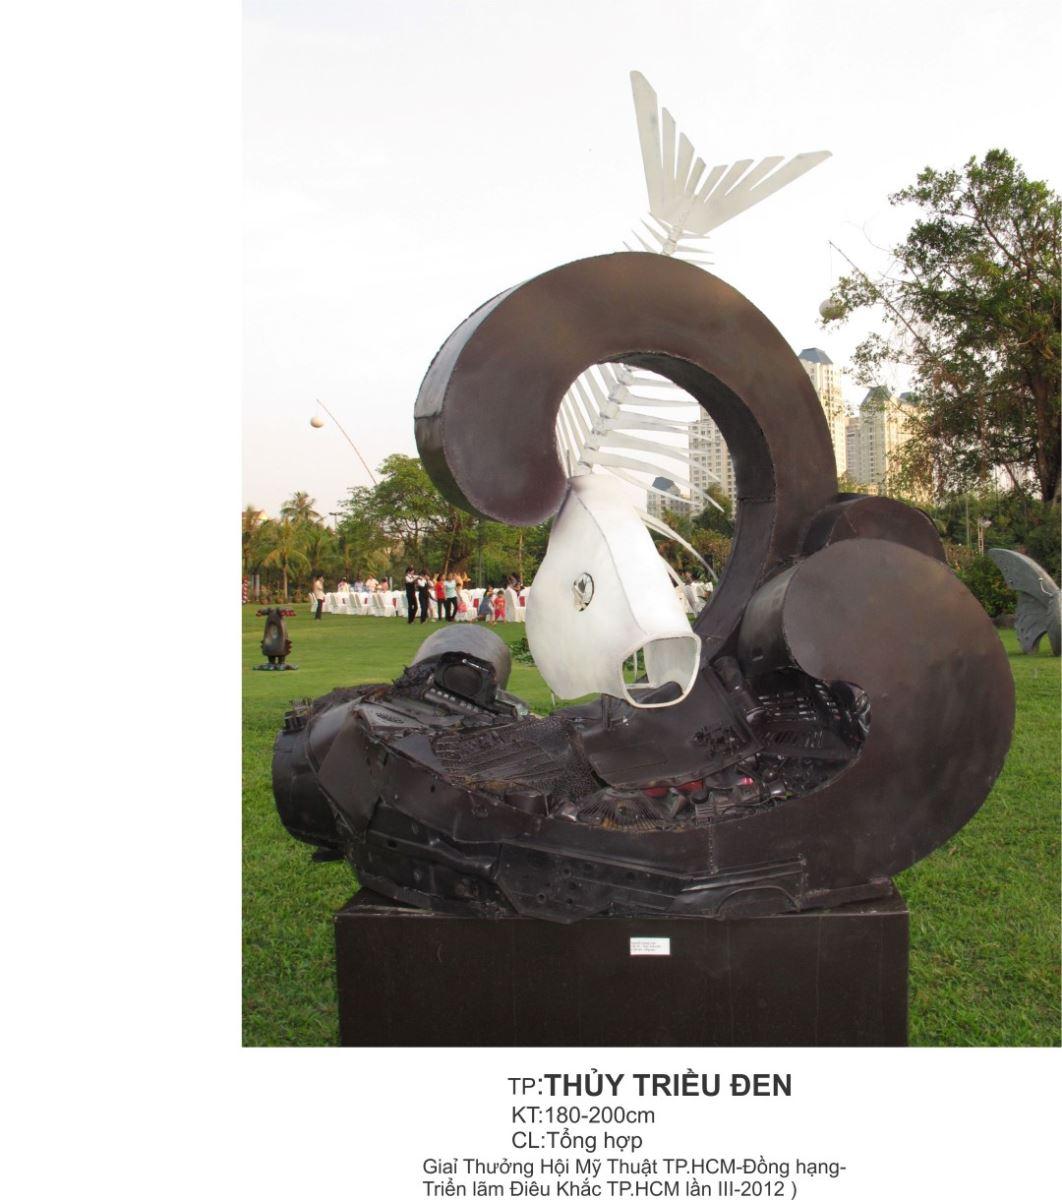 Bảo Vệ Môi Sinh, Bảo Vệ Trái Đất: Lời nhắc nhở của S.O.S, THỦY TRIỀU ĐEN, NGỘP và Bài Ca Tạo Vật - 2